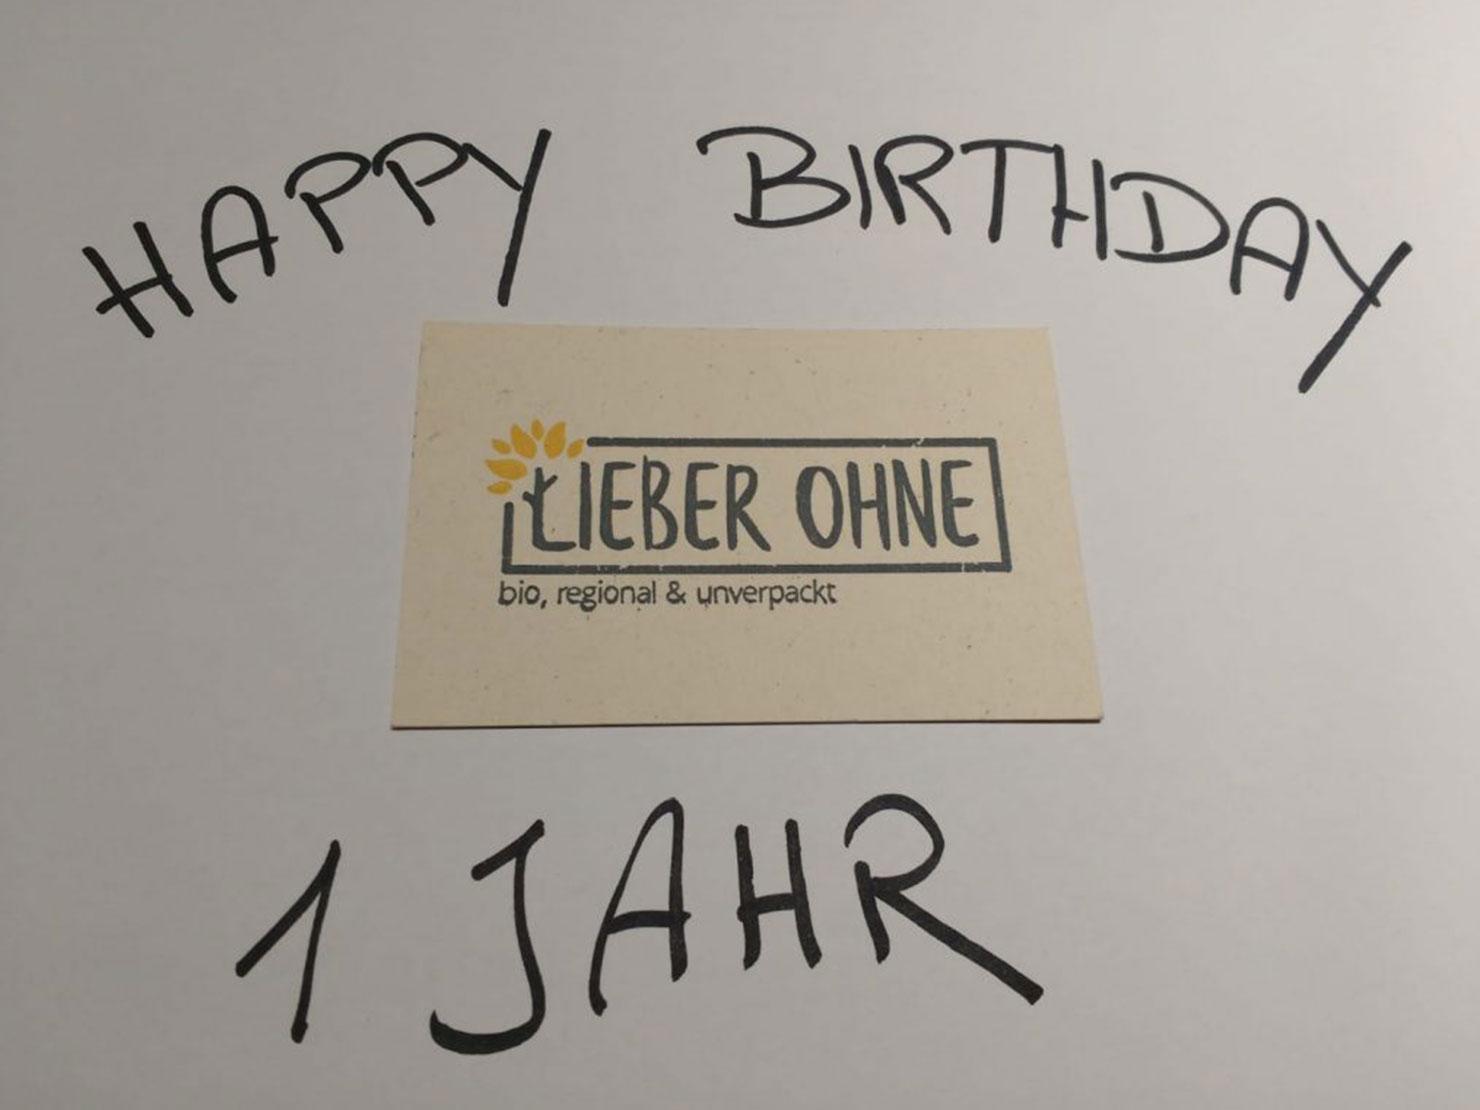 Mit Schwarzstift geschrieben auf einem weißen Papier: Happy Birthday Lieber Ohne - 1 Jahr